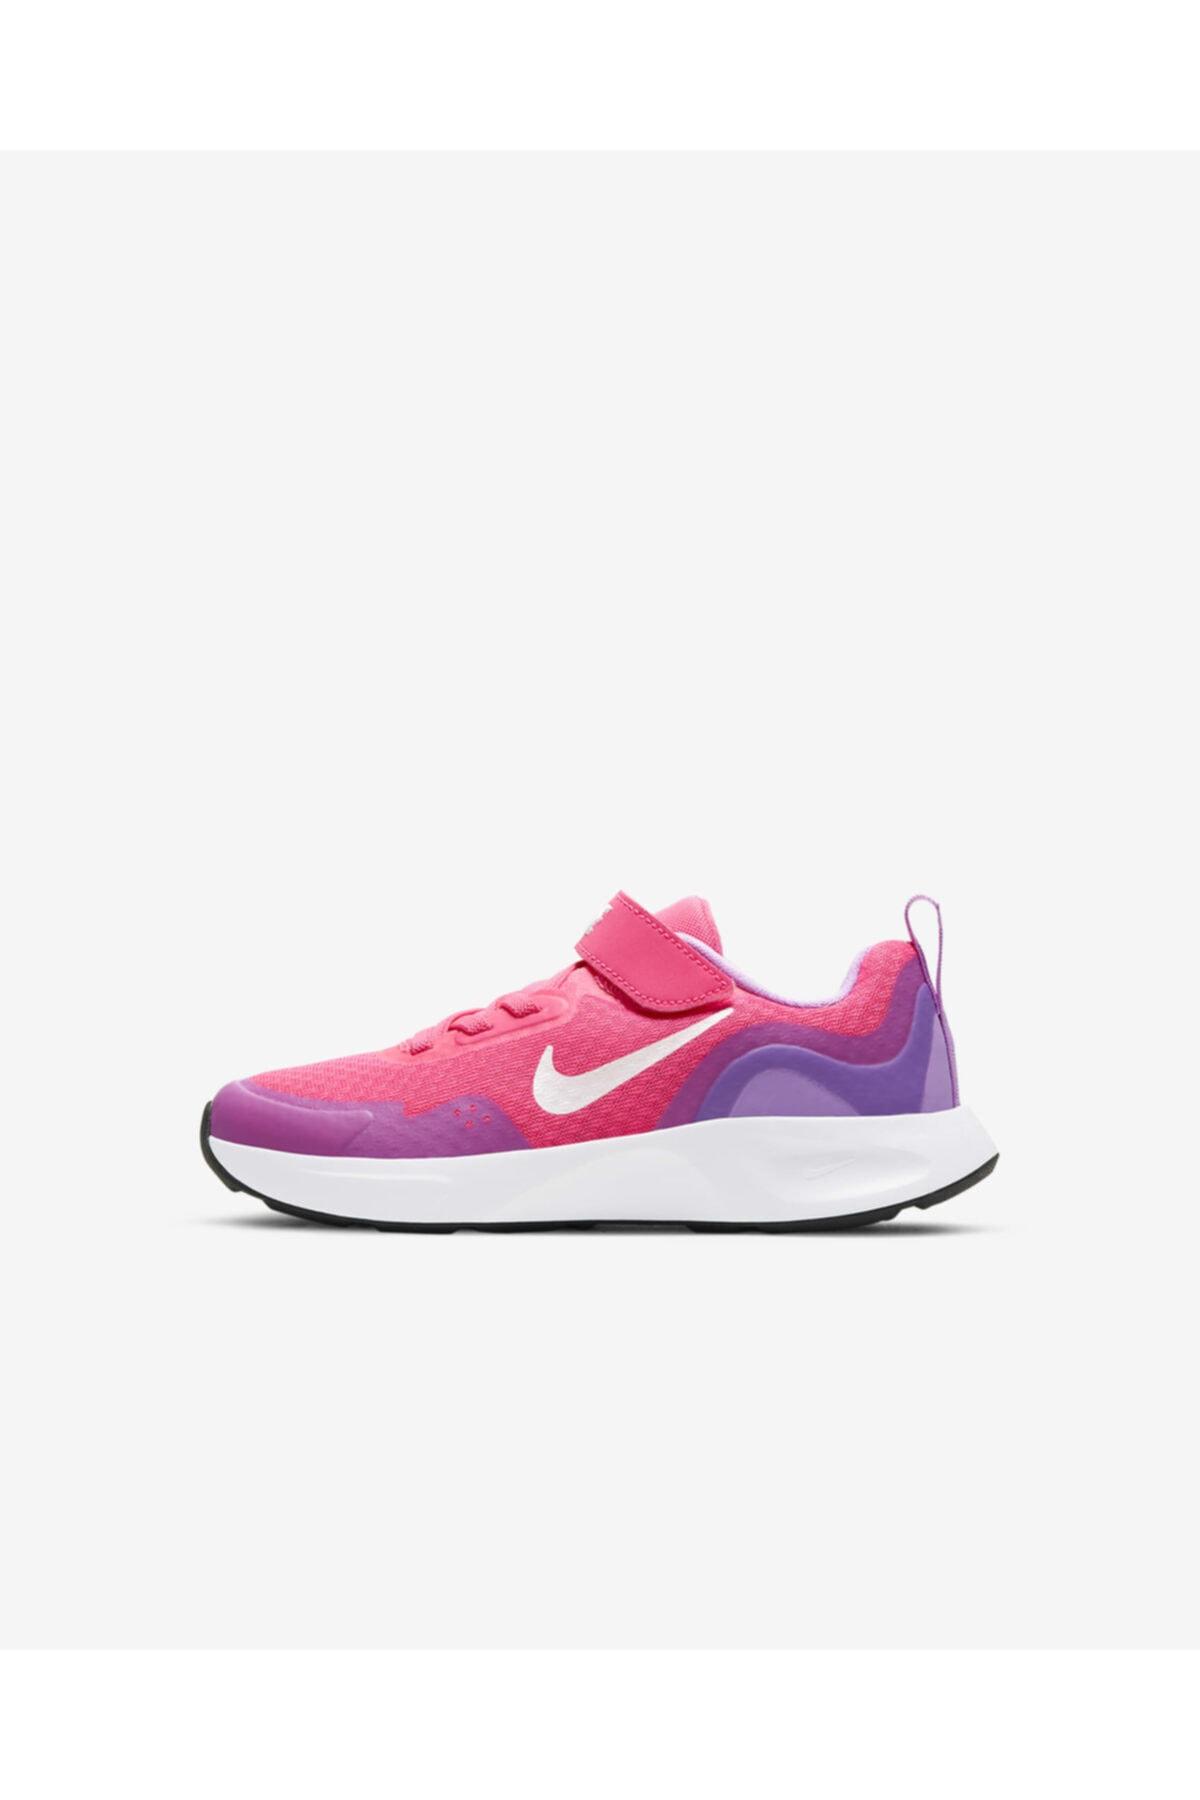 کفش اسپرت 2021 بچه گانه دخترانه برند نایک رنگ صورتی ty113898157